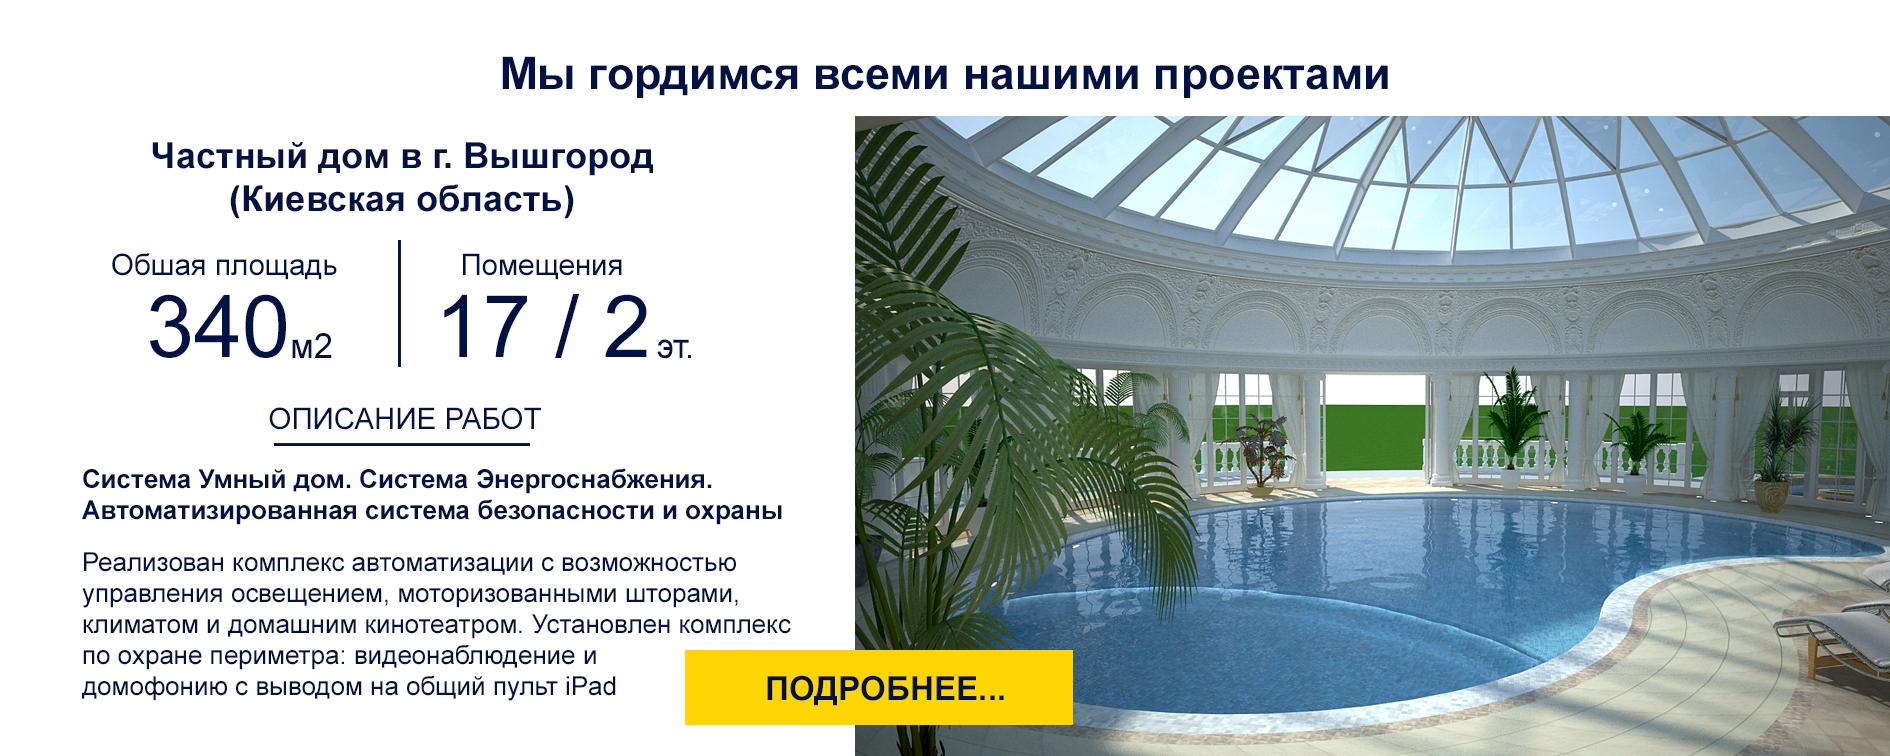 Частный дом в г. Вышгород (Киевская область)